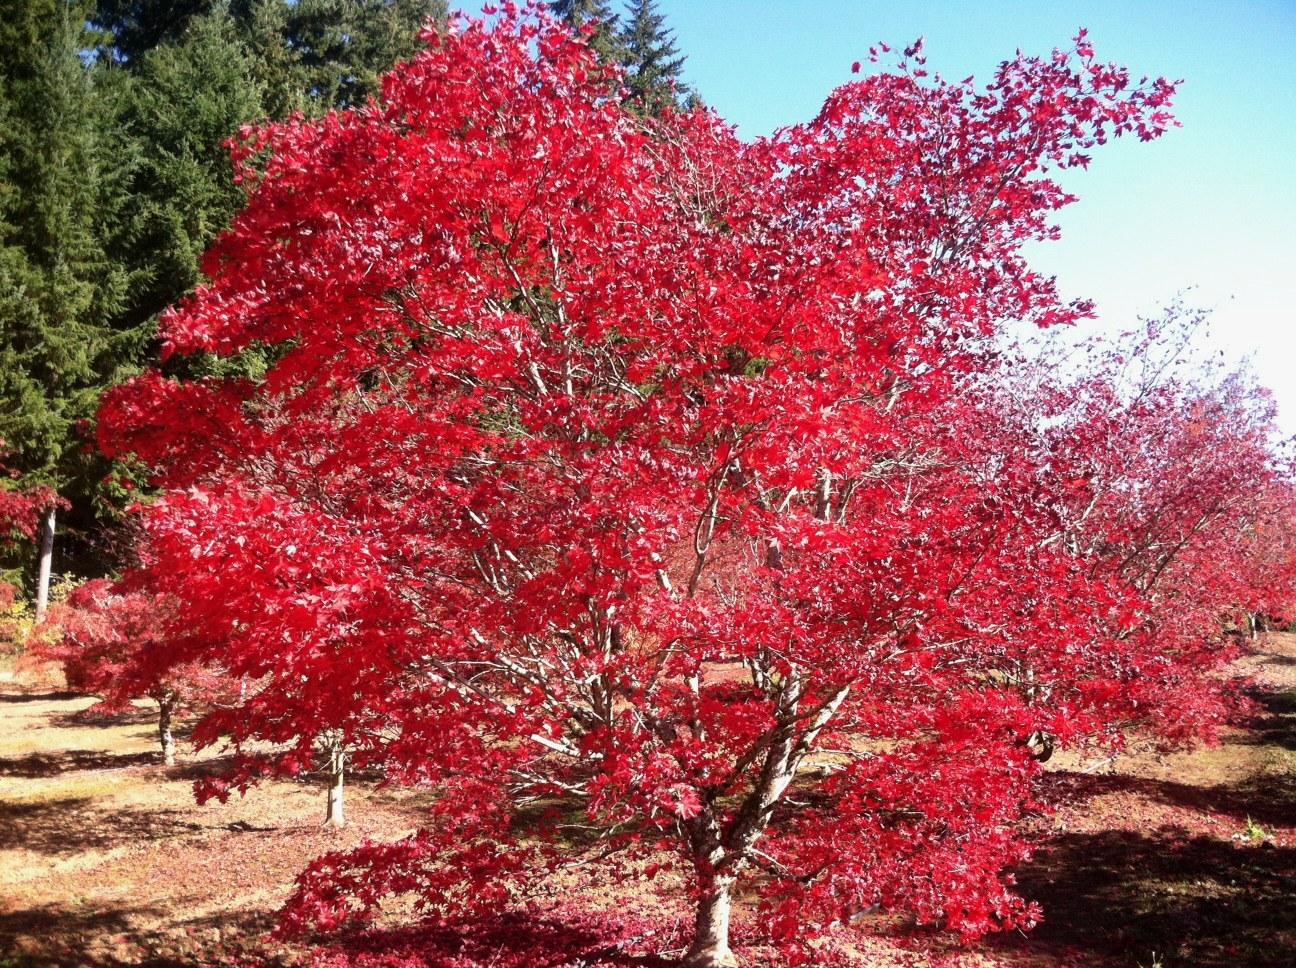 Acer p.  'Sherwood Flame' Specimen